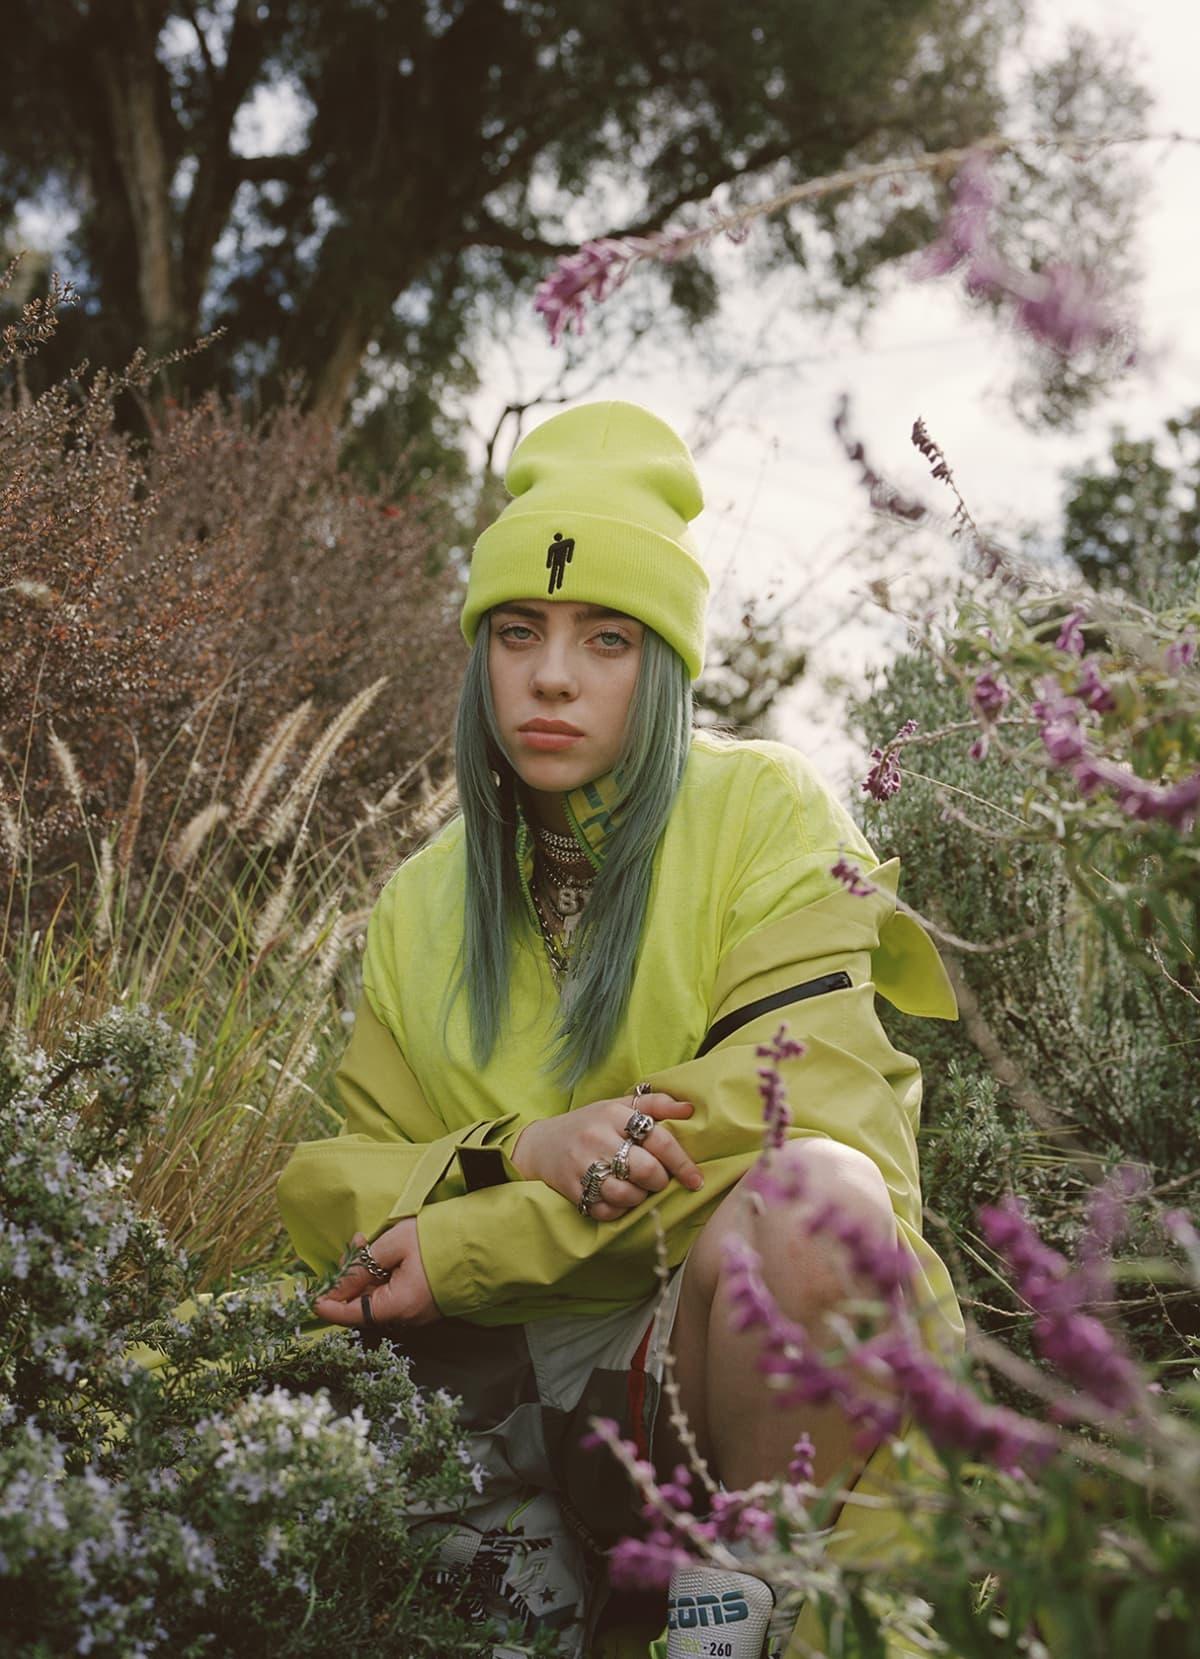 12 lanzamientos recientes que debes escuchar: Billie Eilish + Lil Uzi Vert + Brooke Candy y más